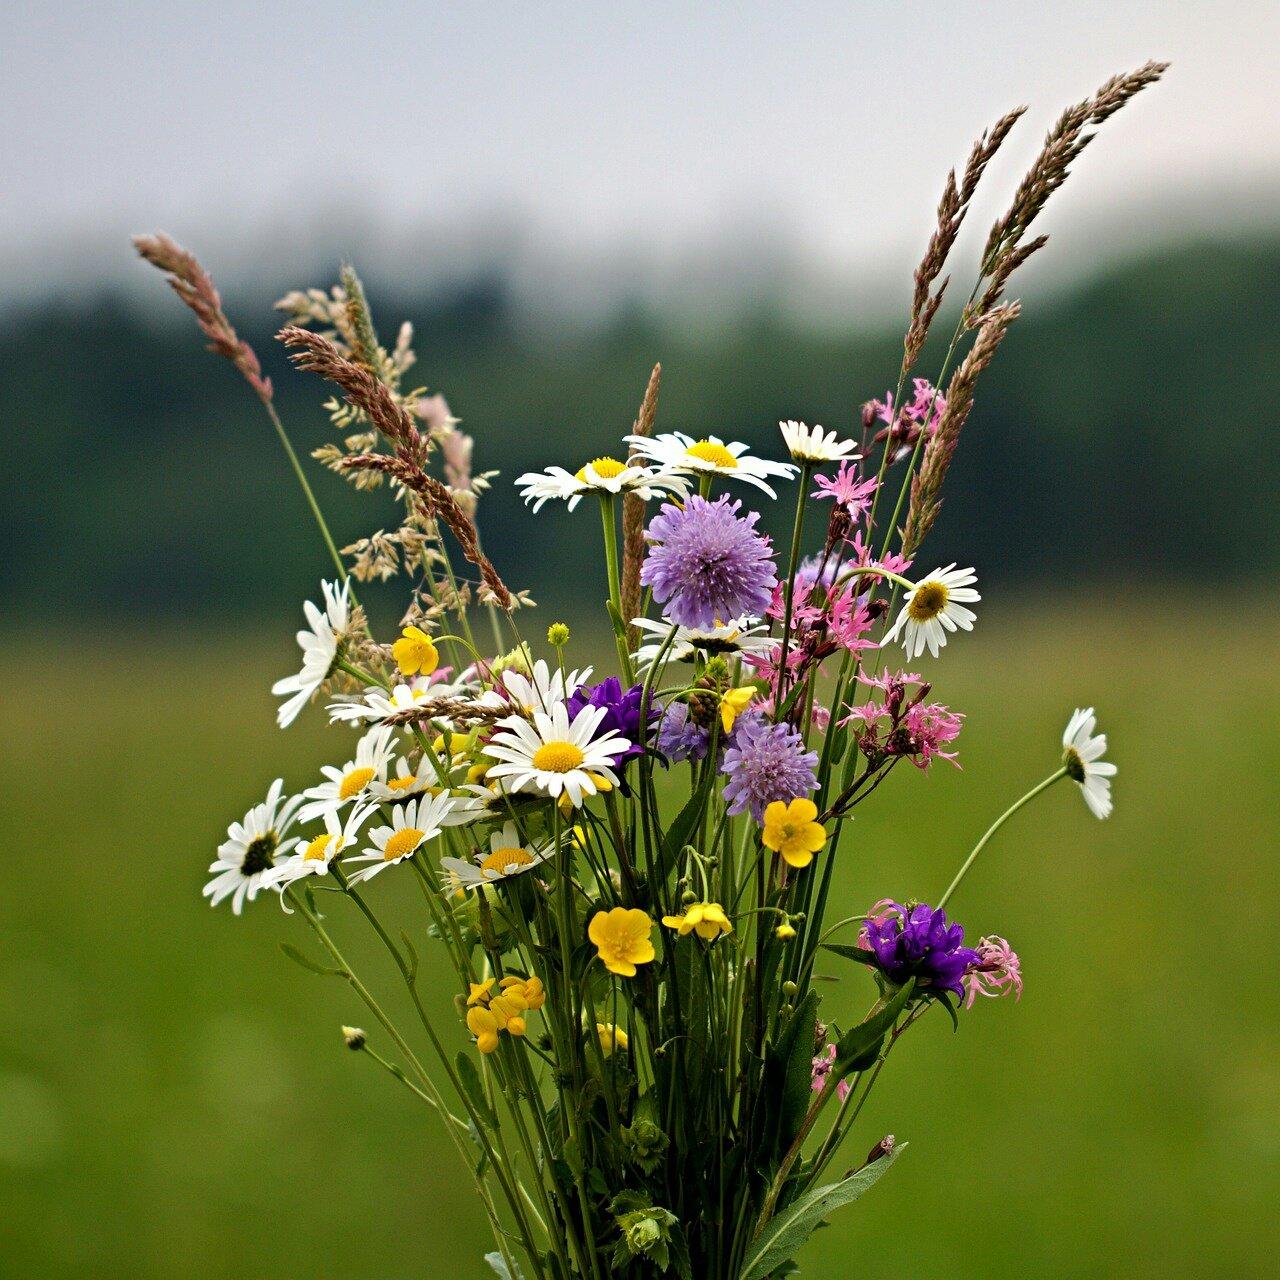 Картинки букет полевых цветов, для поздравительной